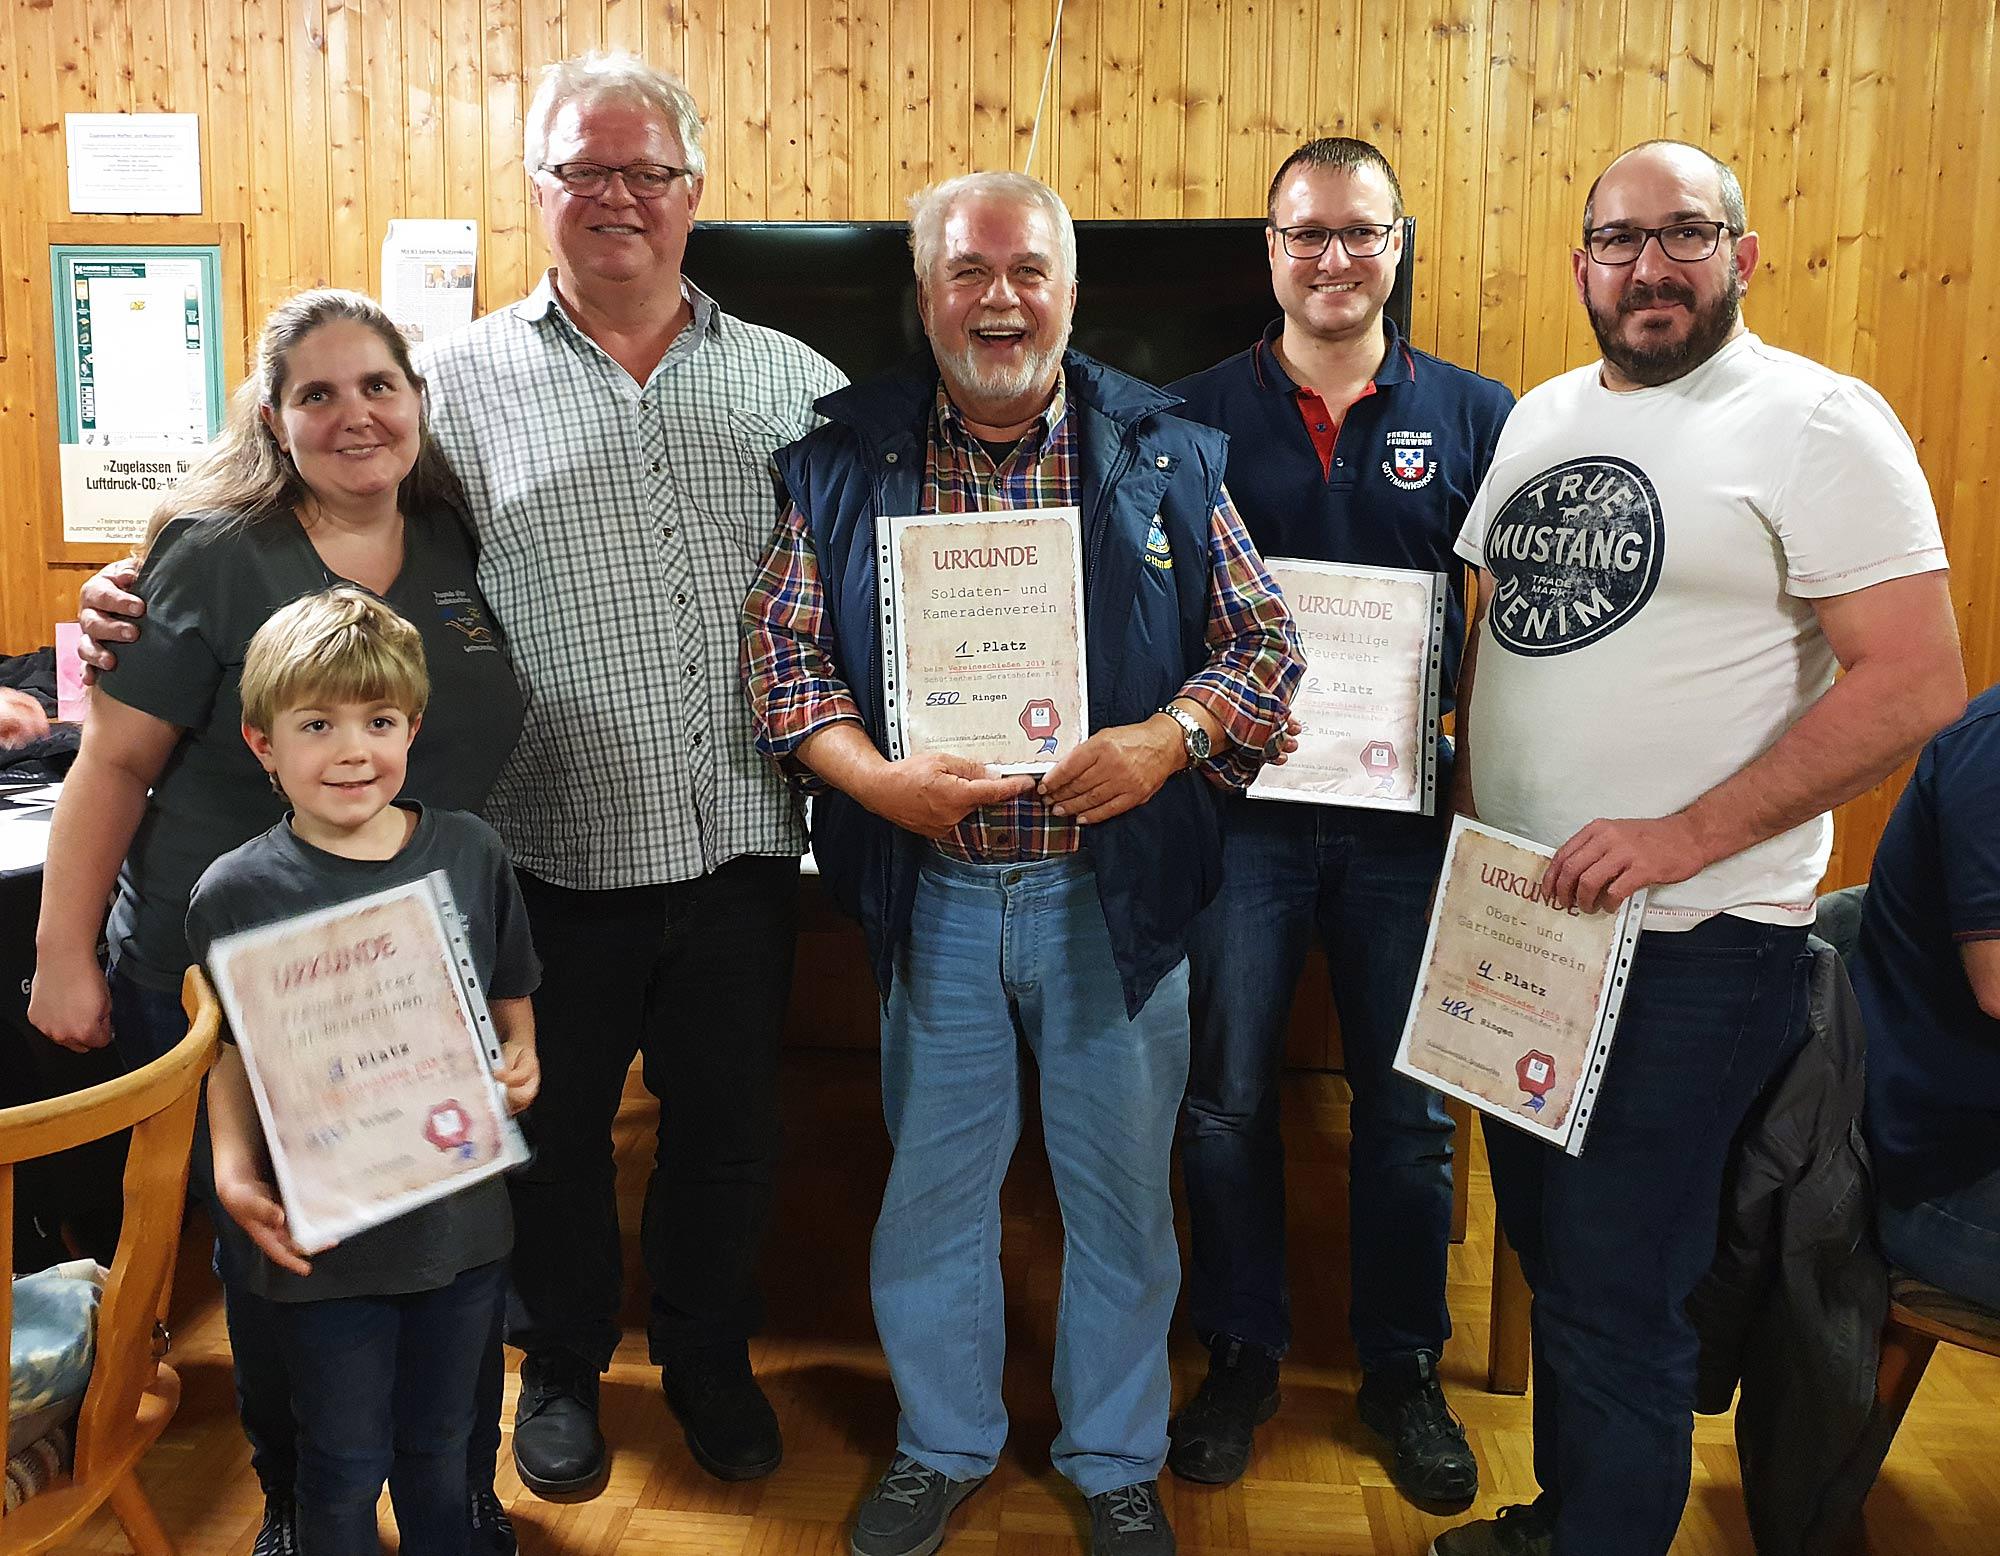 Ortsvereineschiessen 2019 in Geratshofen